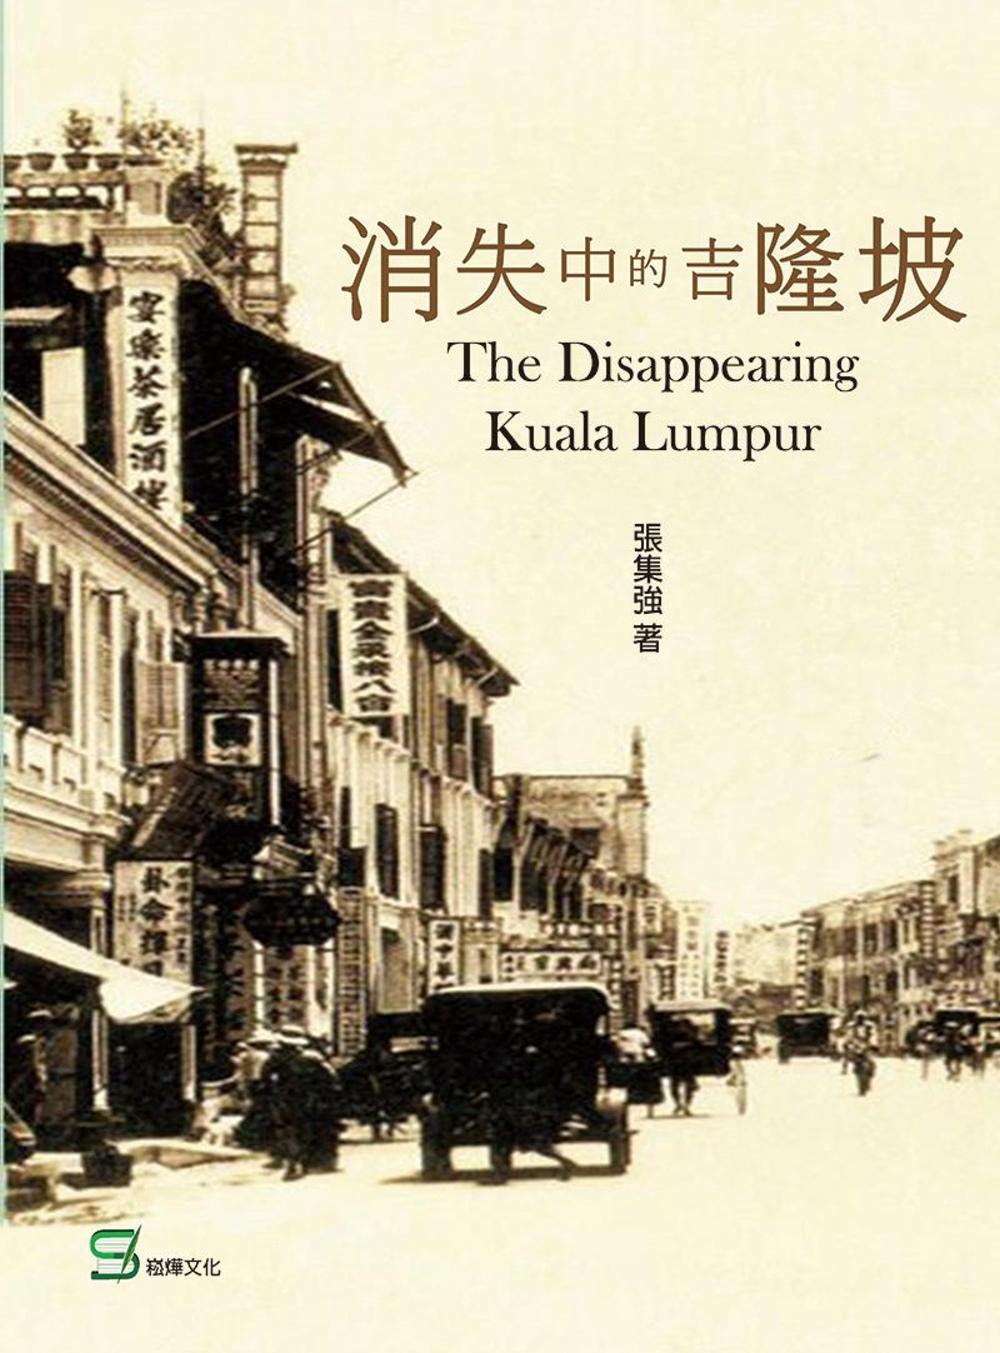 消失中的吉隆坡